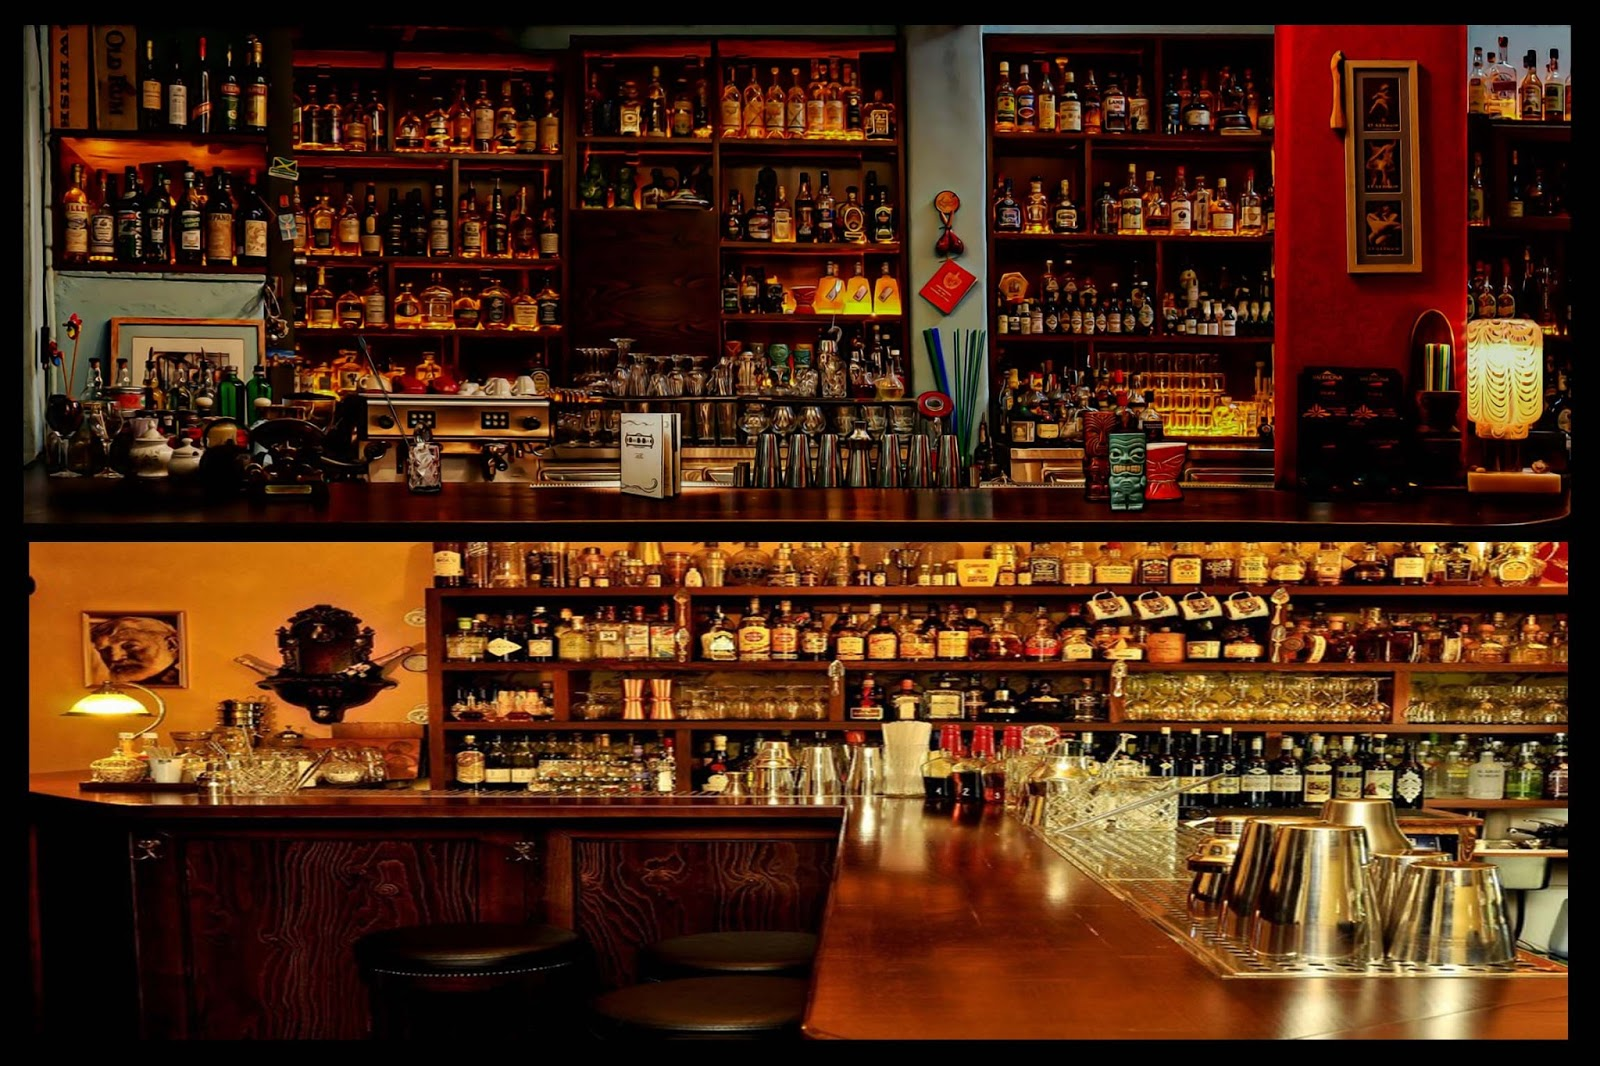 Los 10 mejores bares de ron del mundo - Barra de bar salon ...